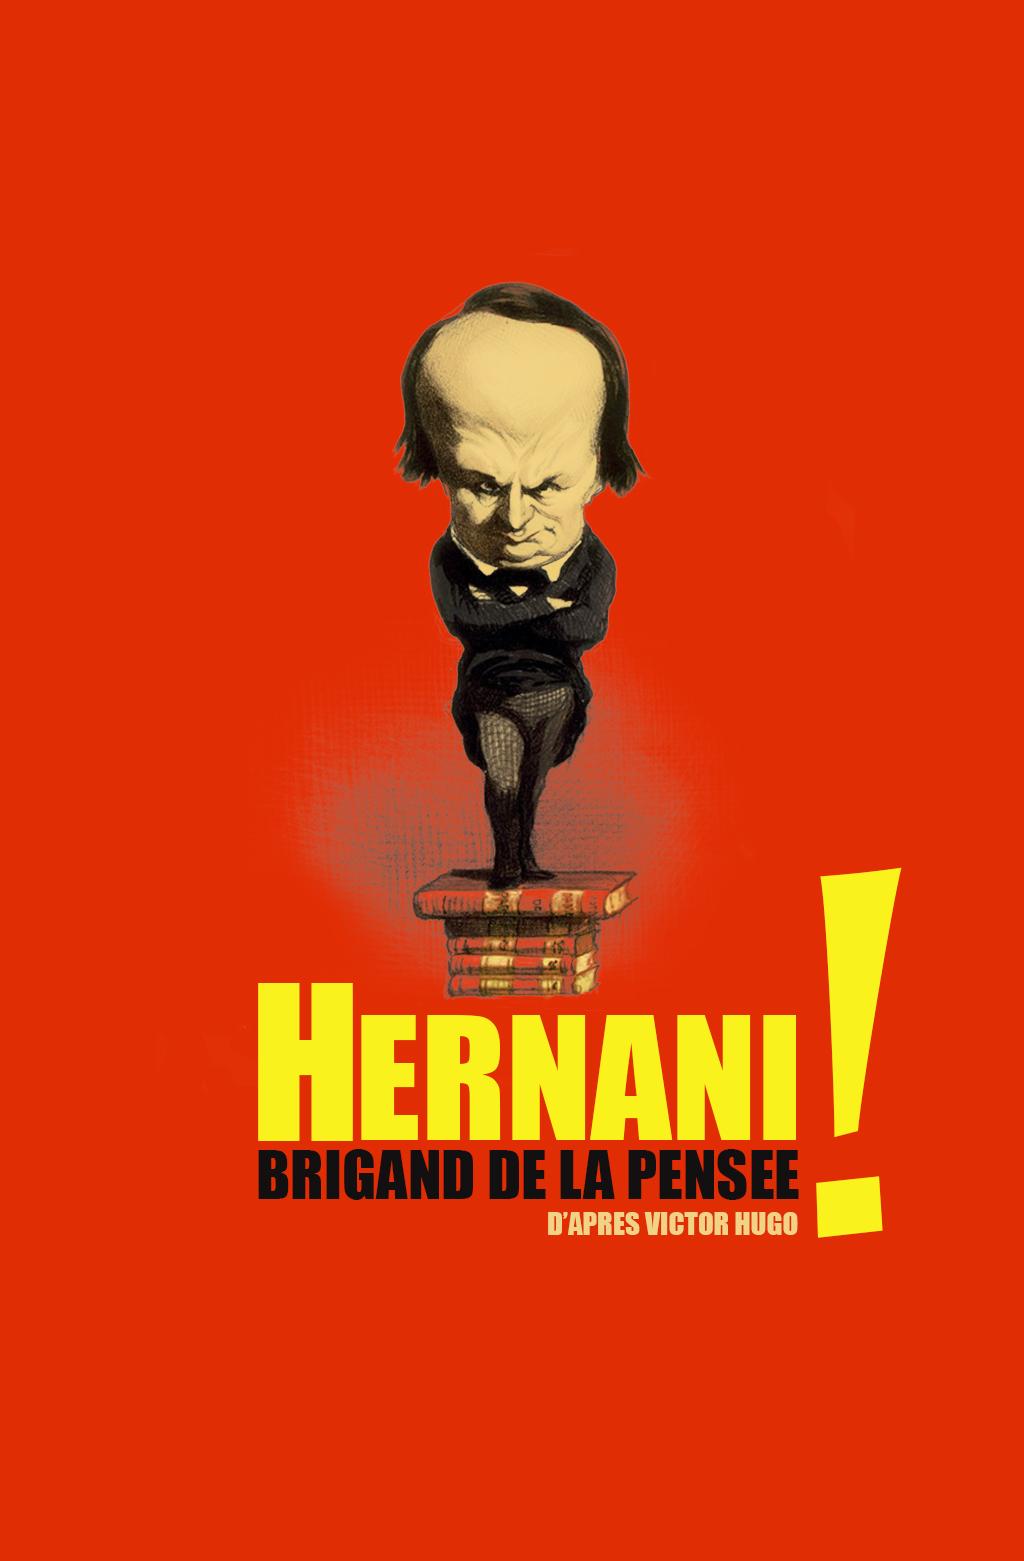 AFFICHE Hernani, brigand de la pensée